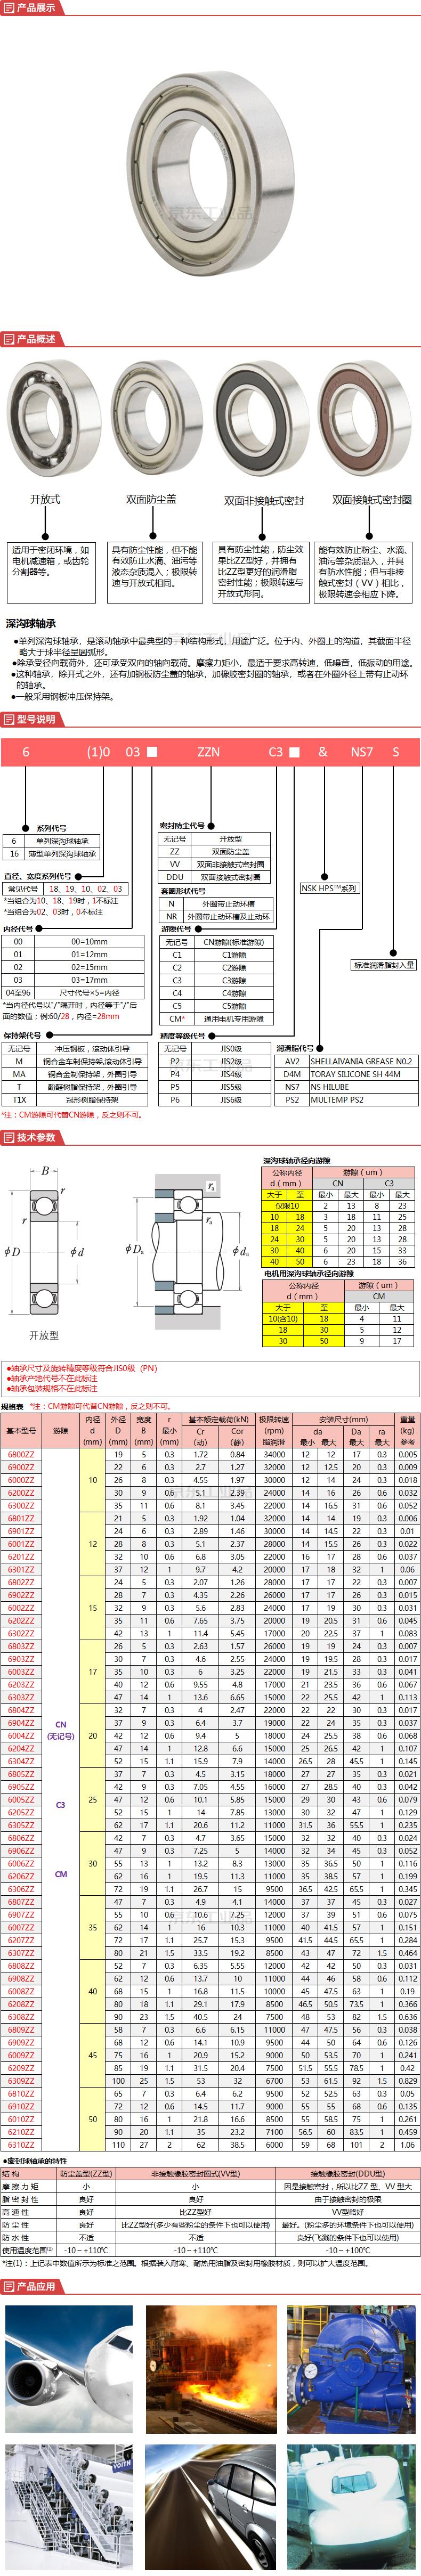 NSK(恩斯克) 单列深沟球轴承,双面防尘盖(铁盖),日本品【工业包装(无独立包装盒)】;6800ZZCM NS7S 6